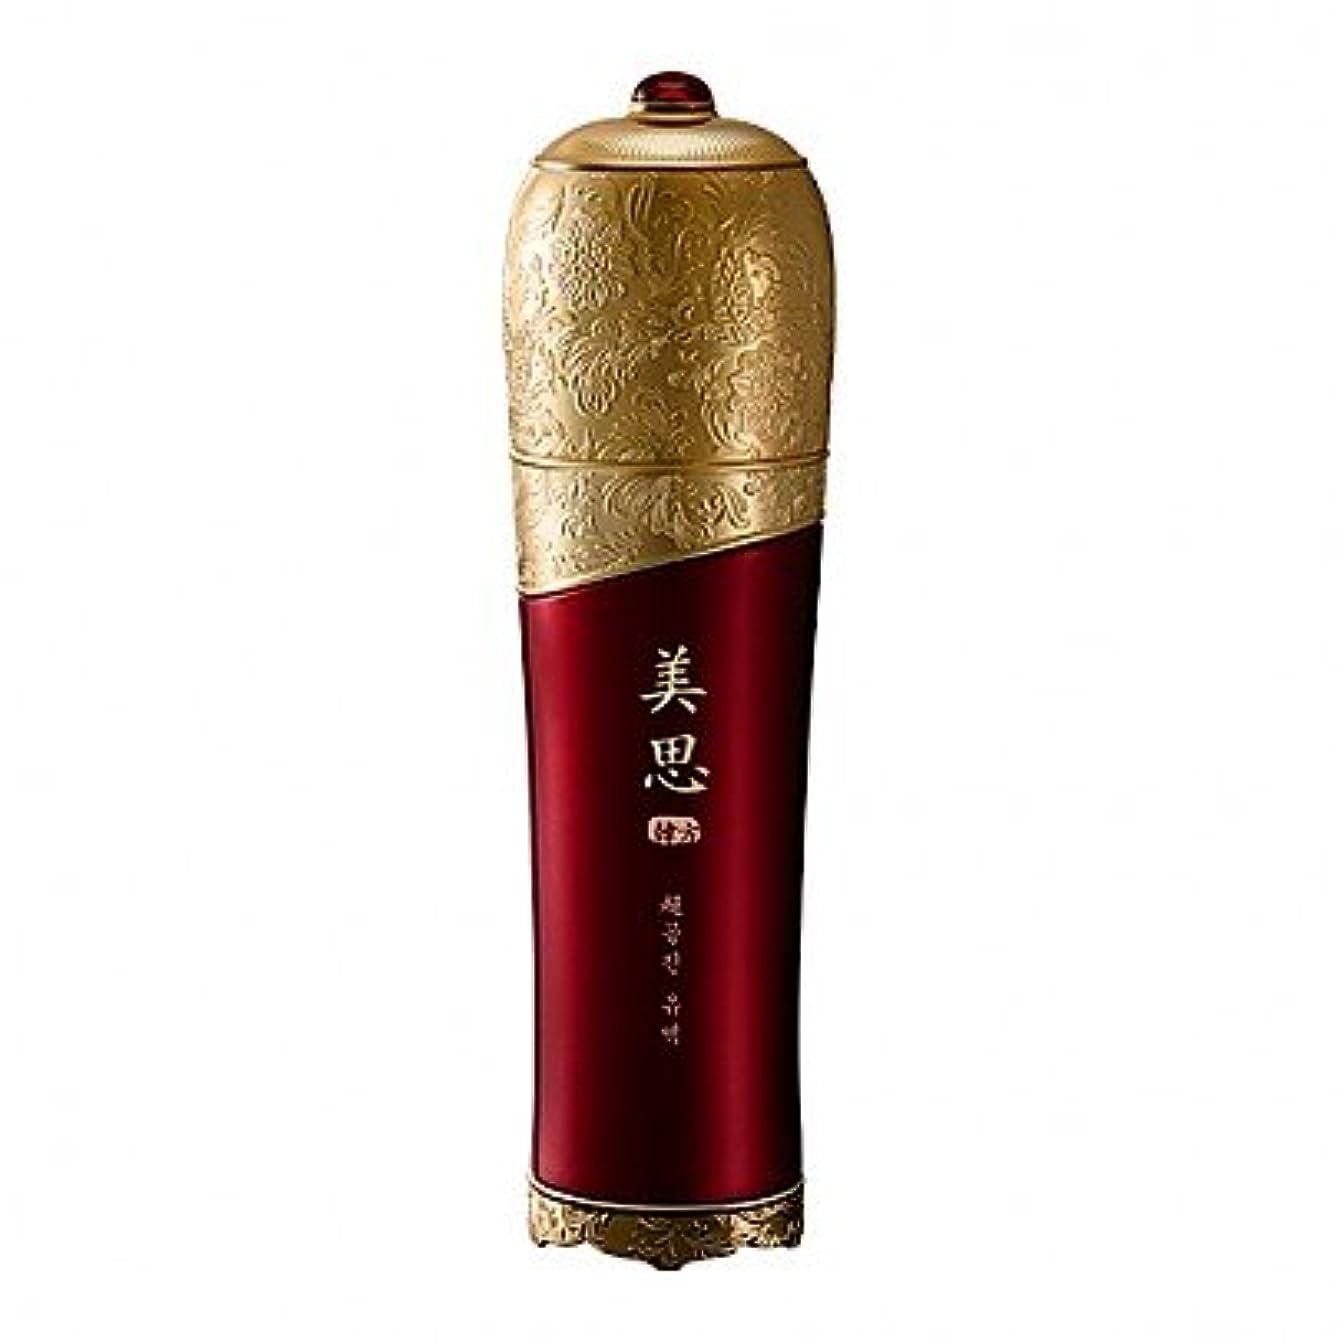 ツイン一人で感謝MISSHA/ミシャ チョゴンジン 乳液 (旧チョボヤン) 125ml[海外直送品]